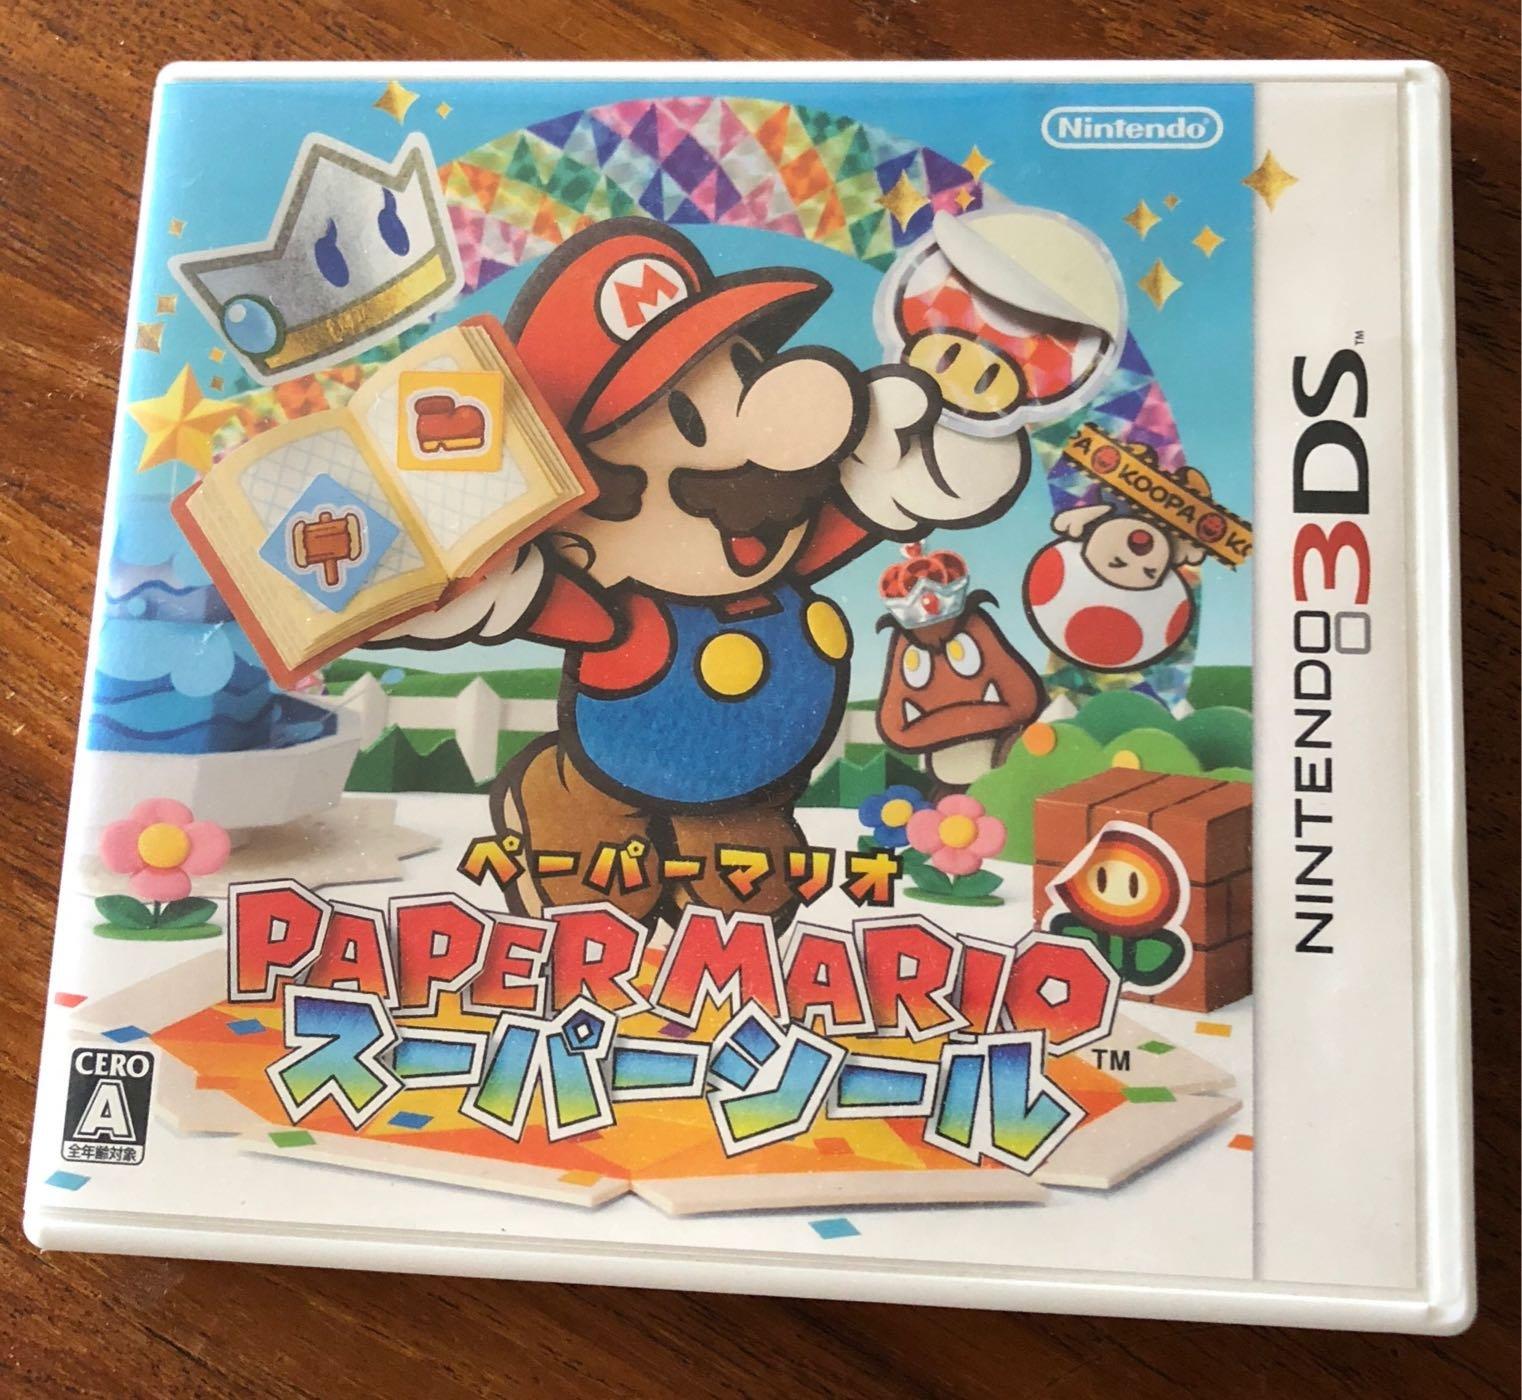 任天堂3DS遊戲/紙片瑪利歐 超級 貼紙貼紙之星 paper mario 日機專用(免運)